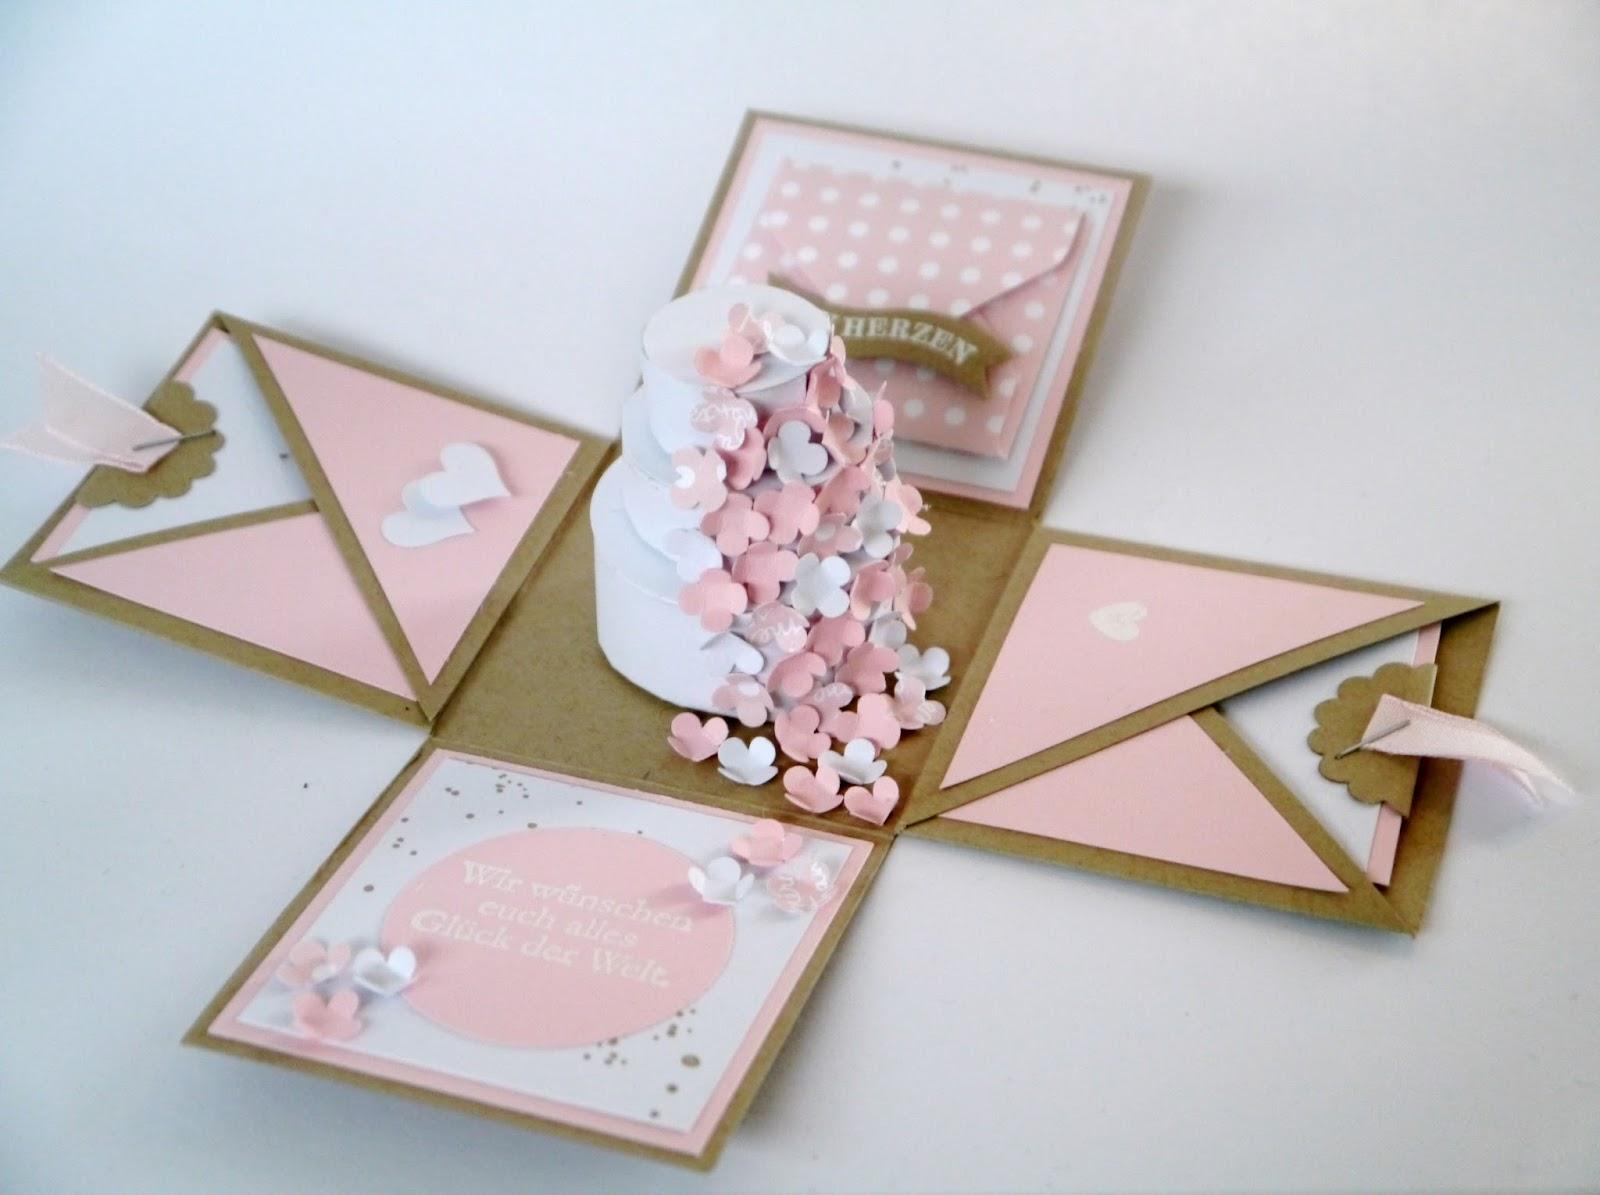 Kreative Hochzeitsgeschenke 25 Schon Kreative Hochzeitsgeschenke